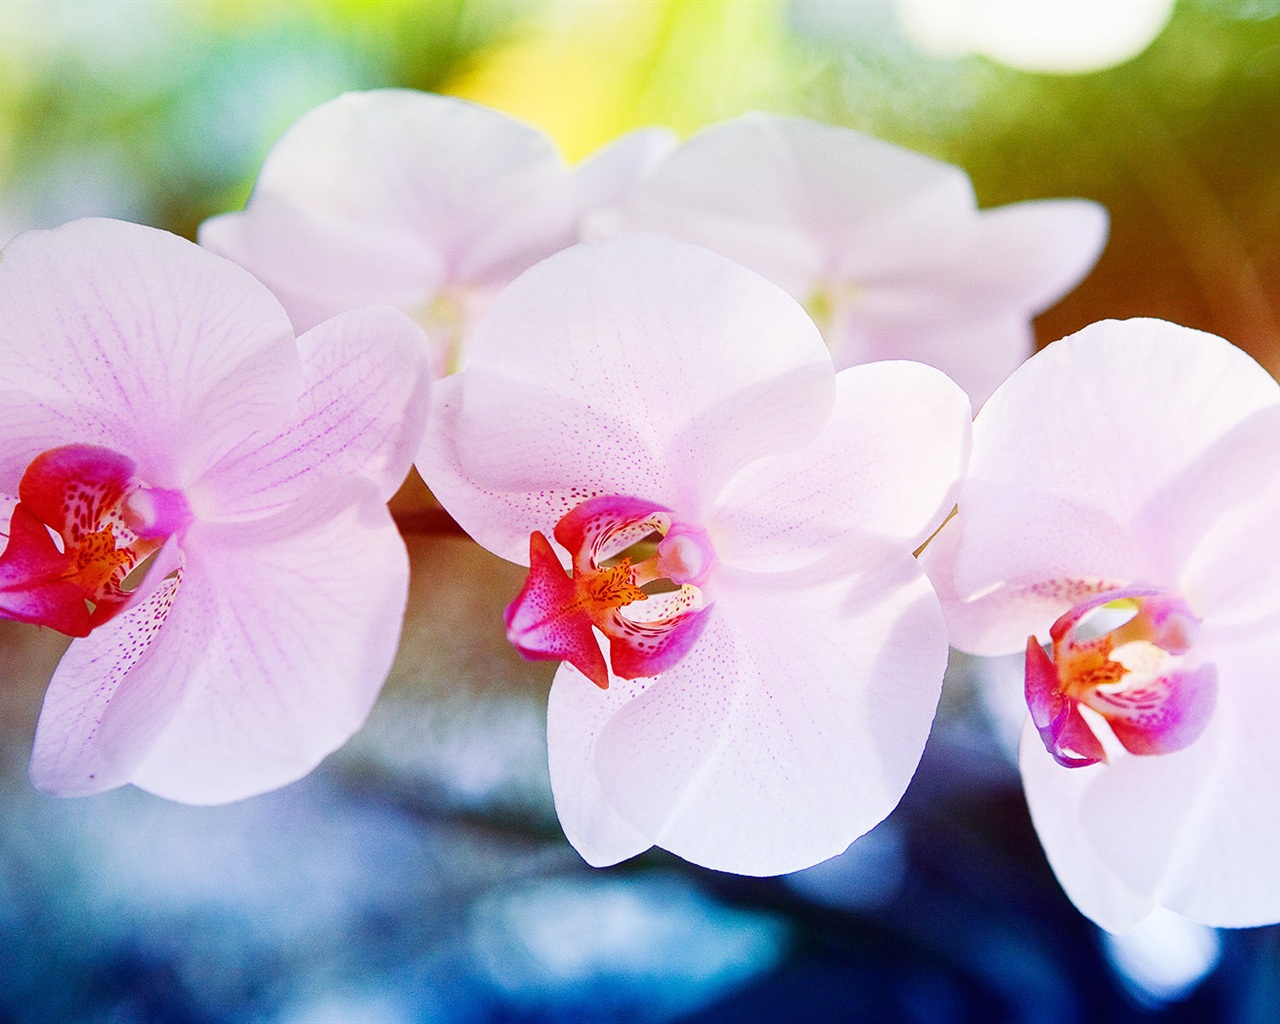 природа цветы белые орхидея nature flowers white Orchid загрузить